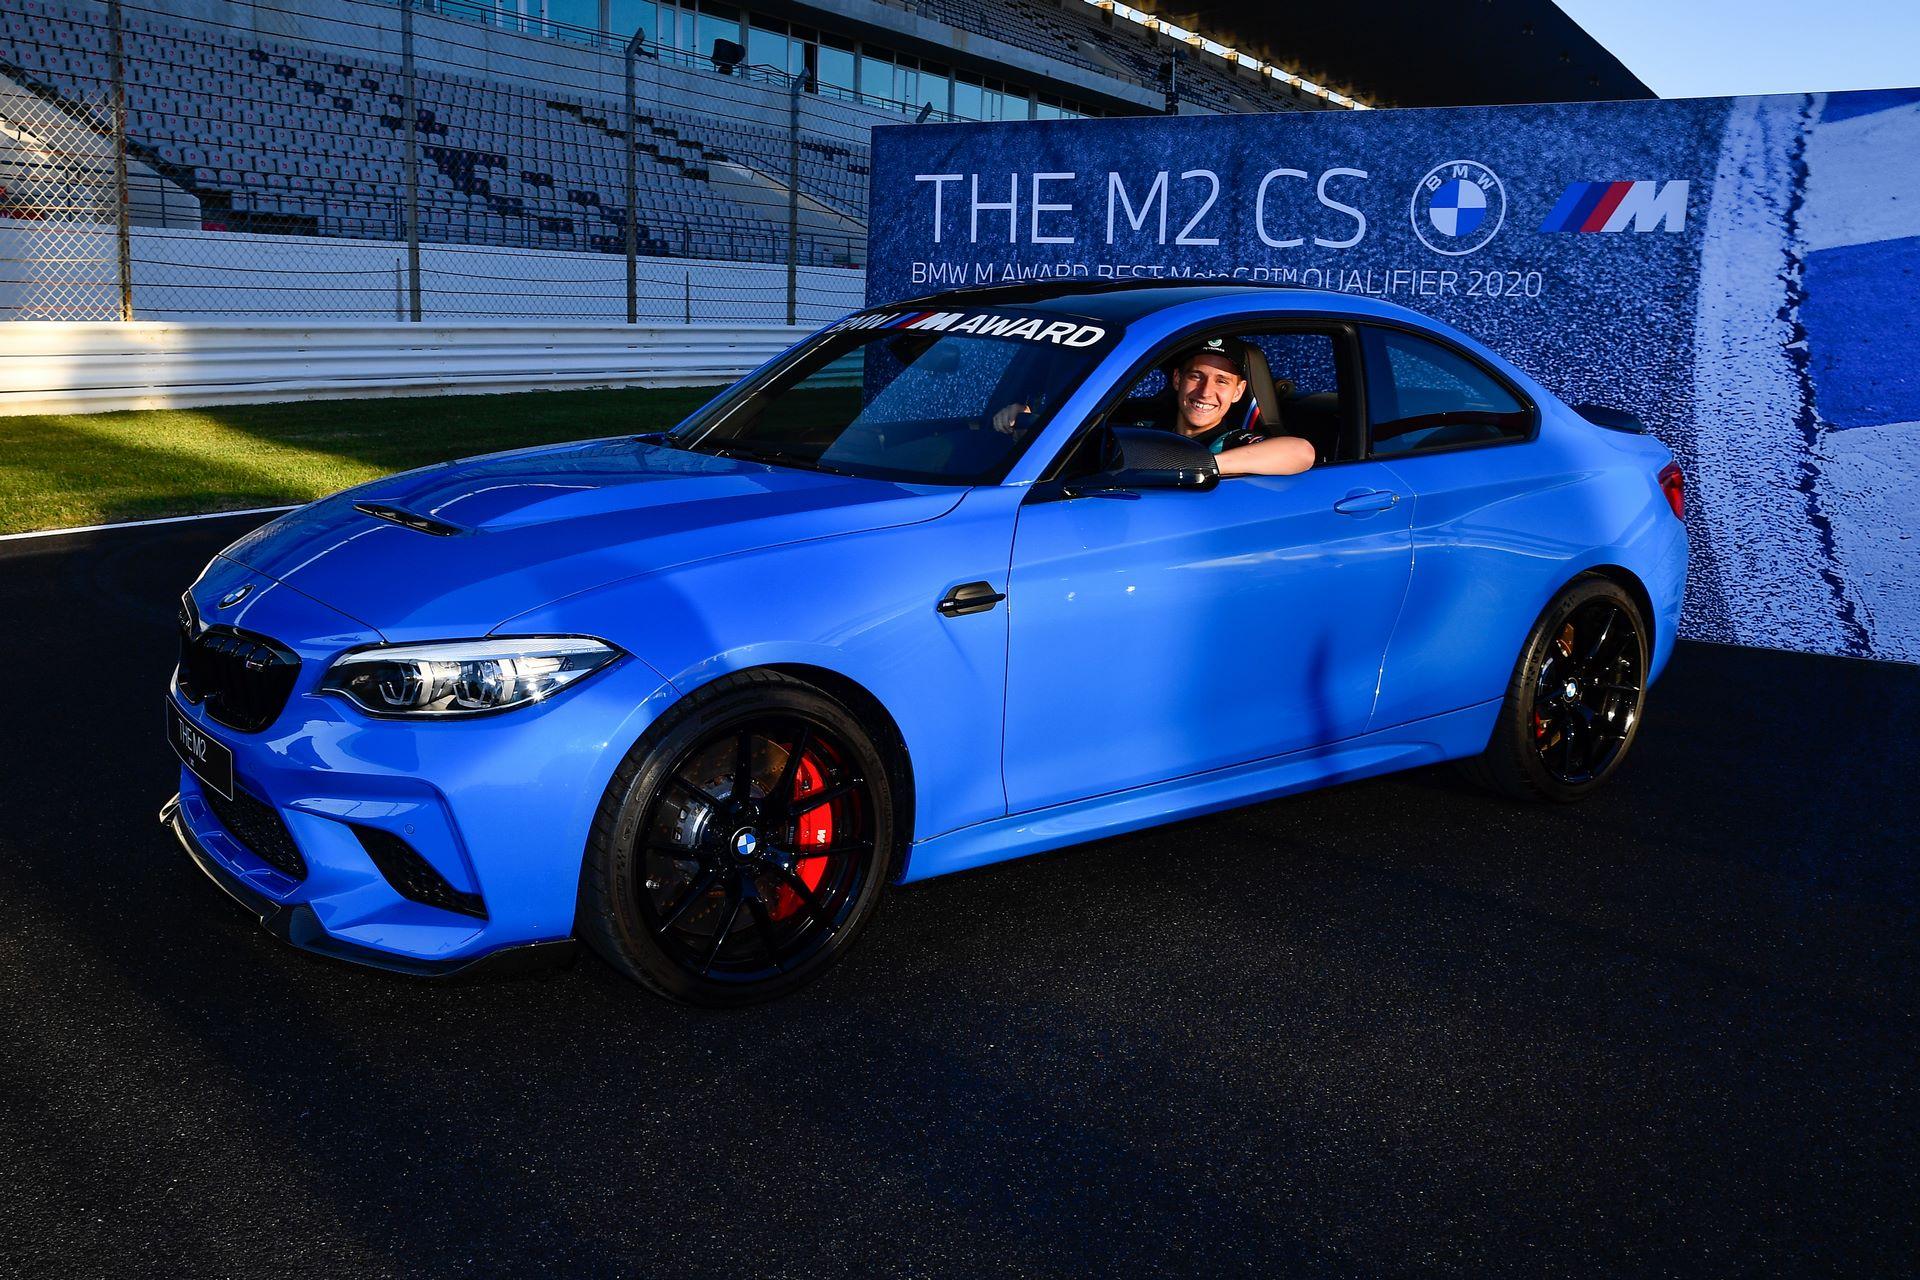 BMW-M2-CS-Fabio-Quartararo-1